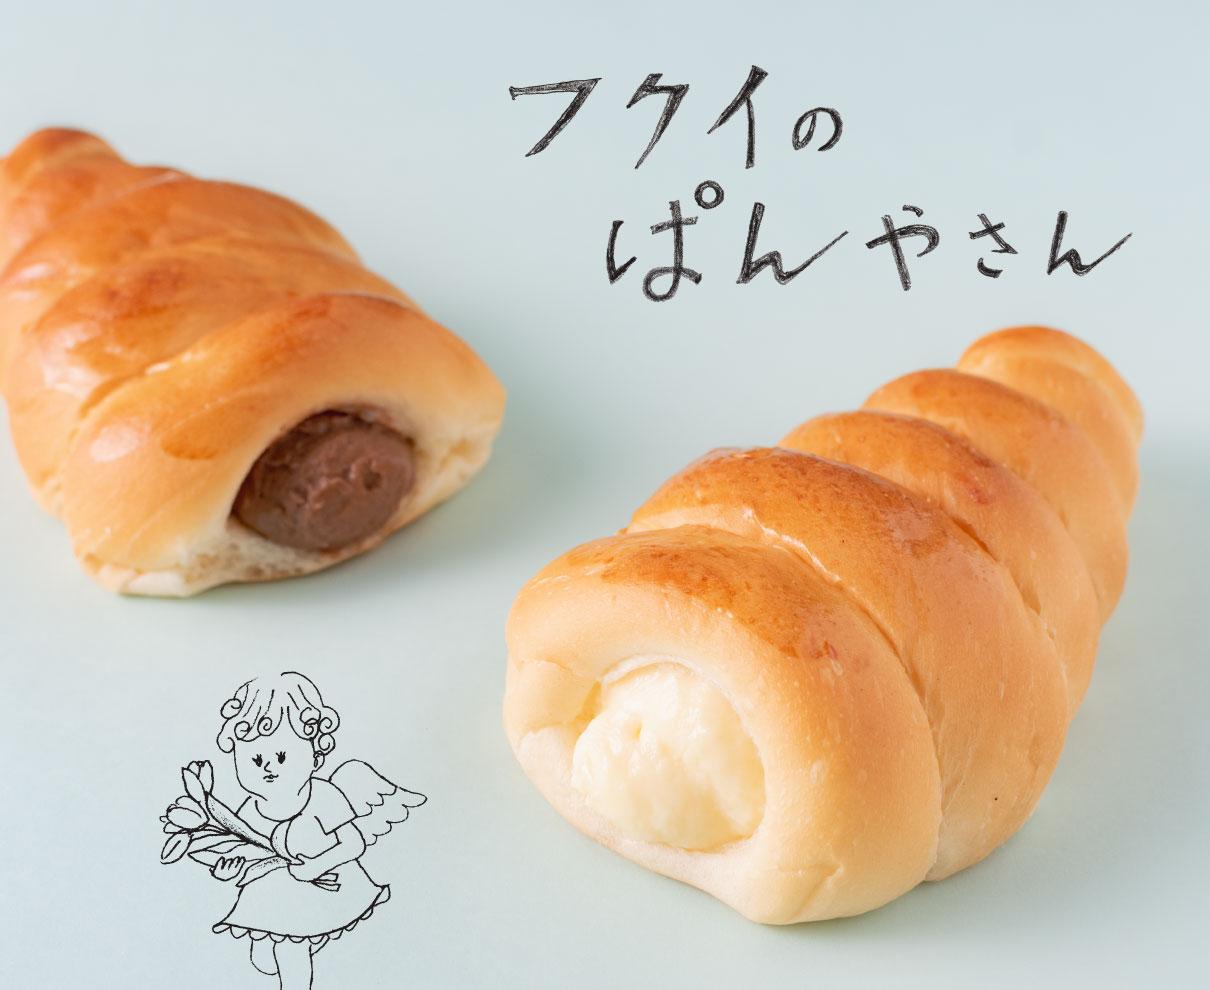 毎月12日はパンの日。4月は、今、話題沸騰中のパンや昔懐かしいレトロなパンをご紹介。